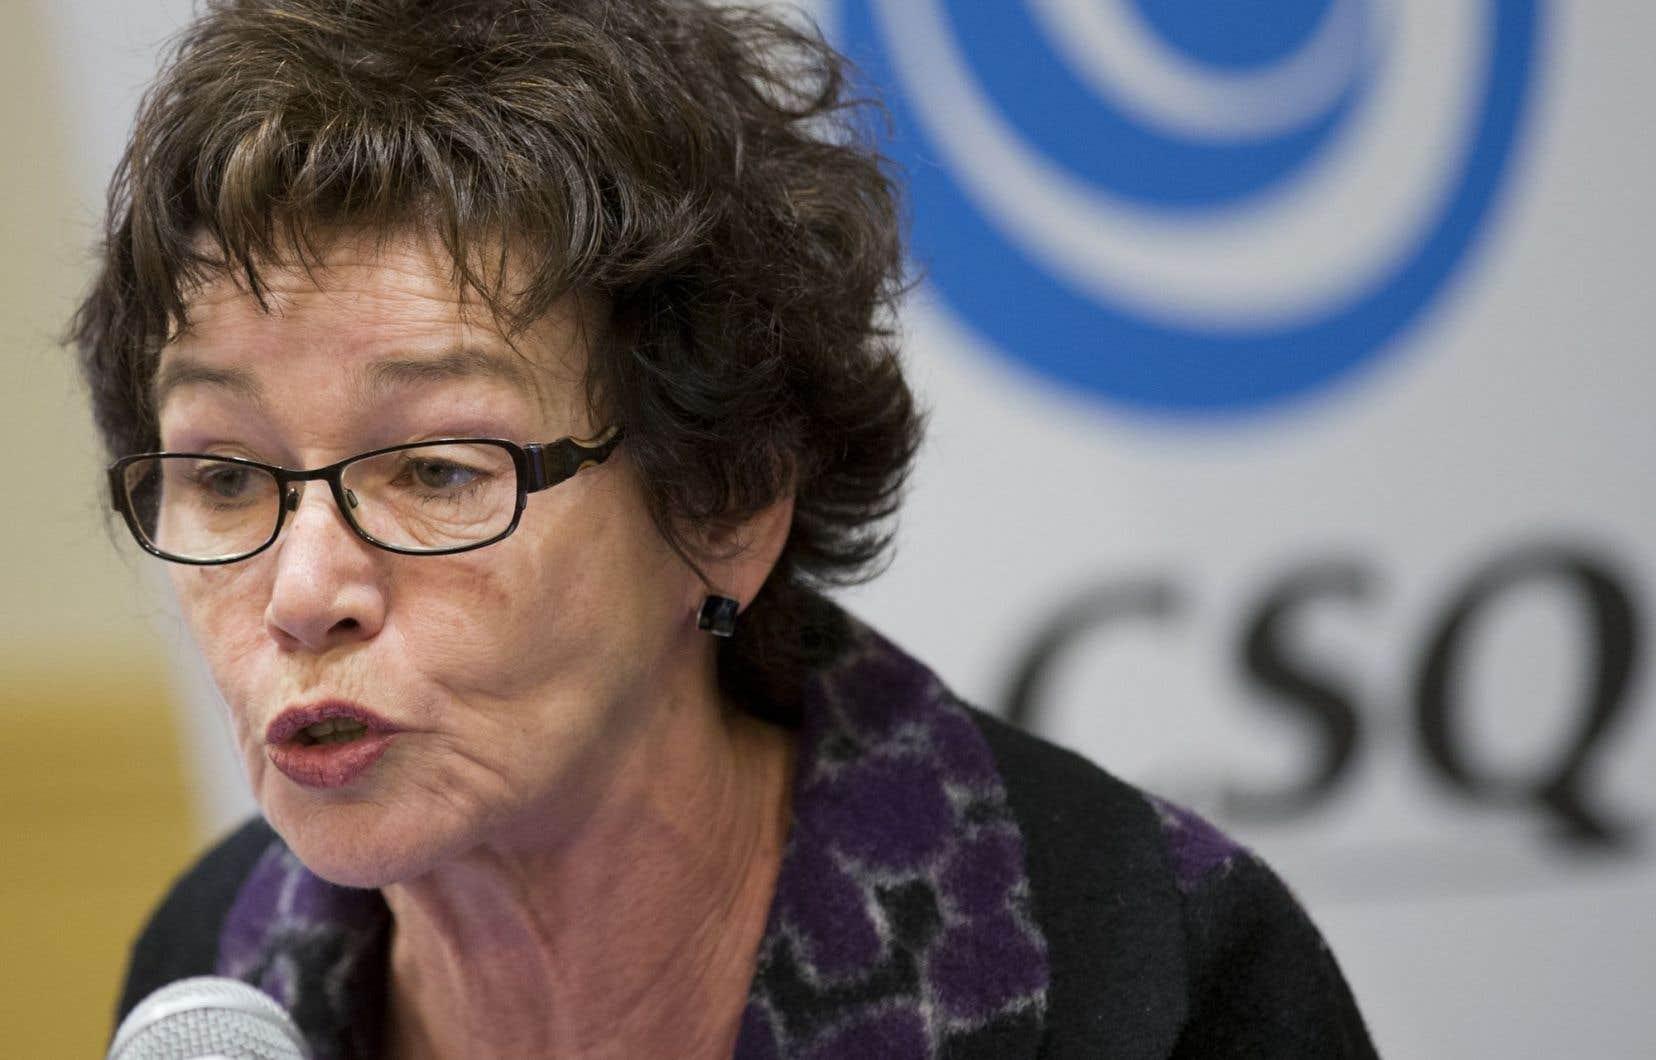 La présidente de la Centrale des syndicats du Québec, Louise Chabot, estime que la réforme de la santé n'atteindra aucun objectif économique.